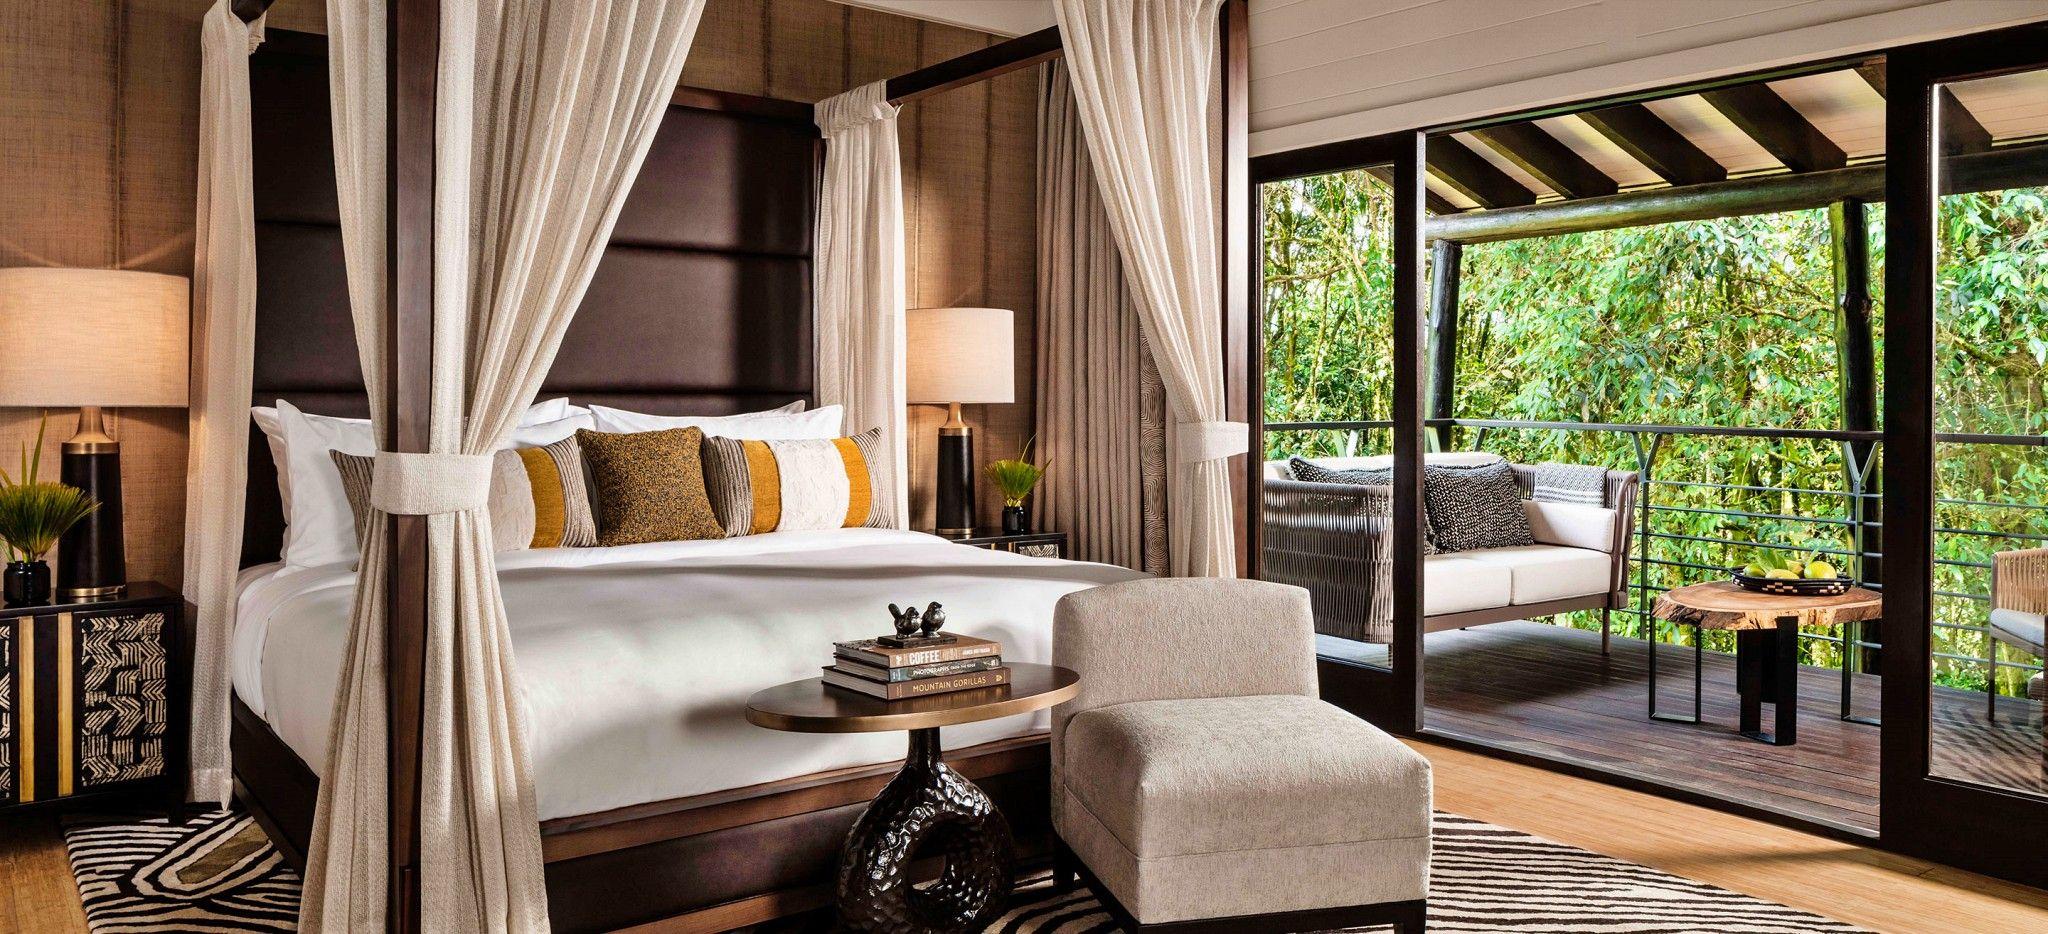 Das Schlafzimmer einer Suite im One&Only Nyungwe House